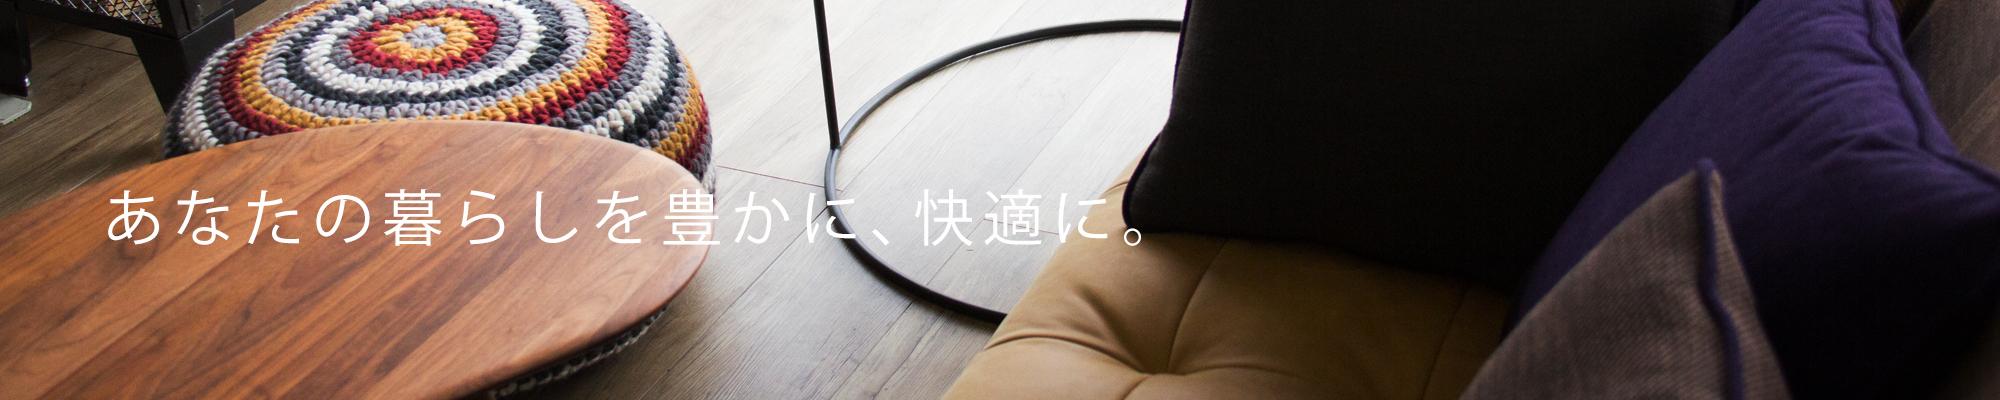 あなたの暮らしを豊かに快適に